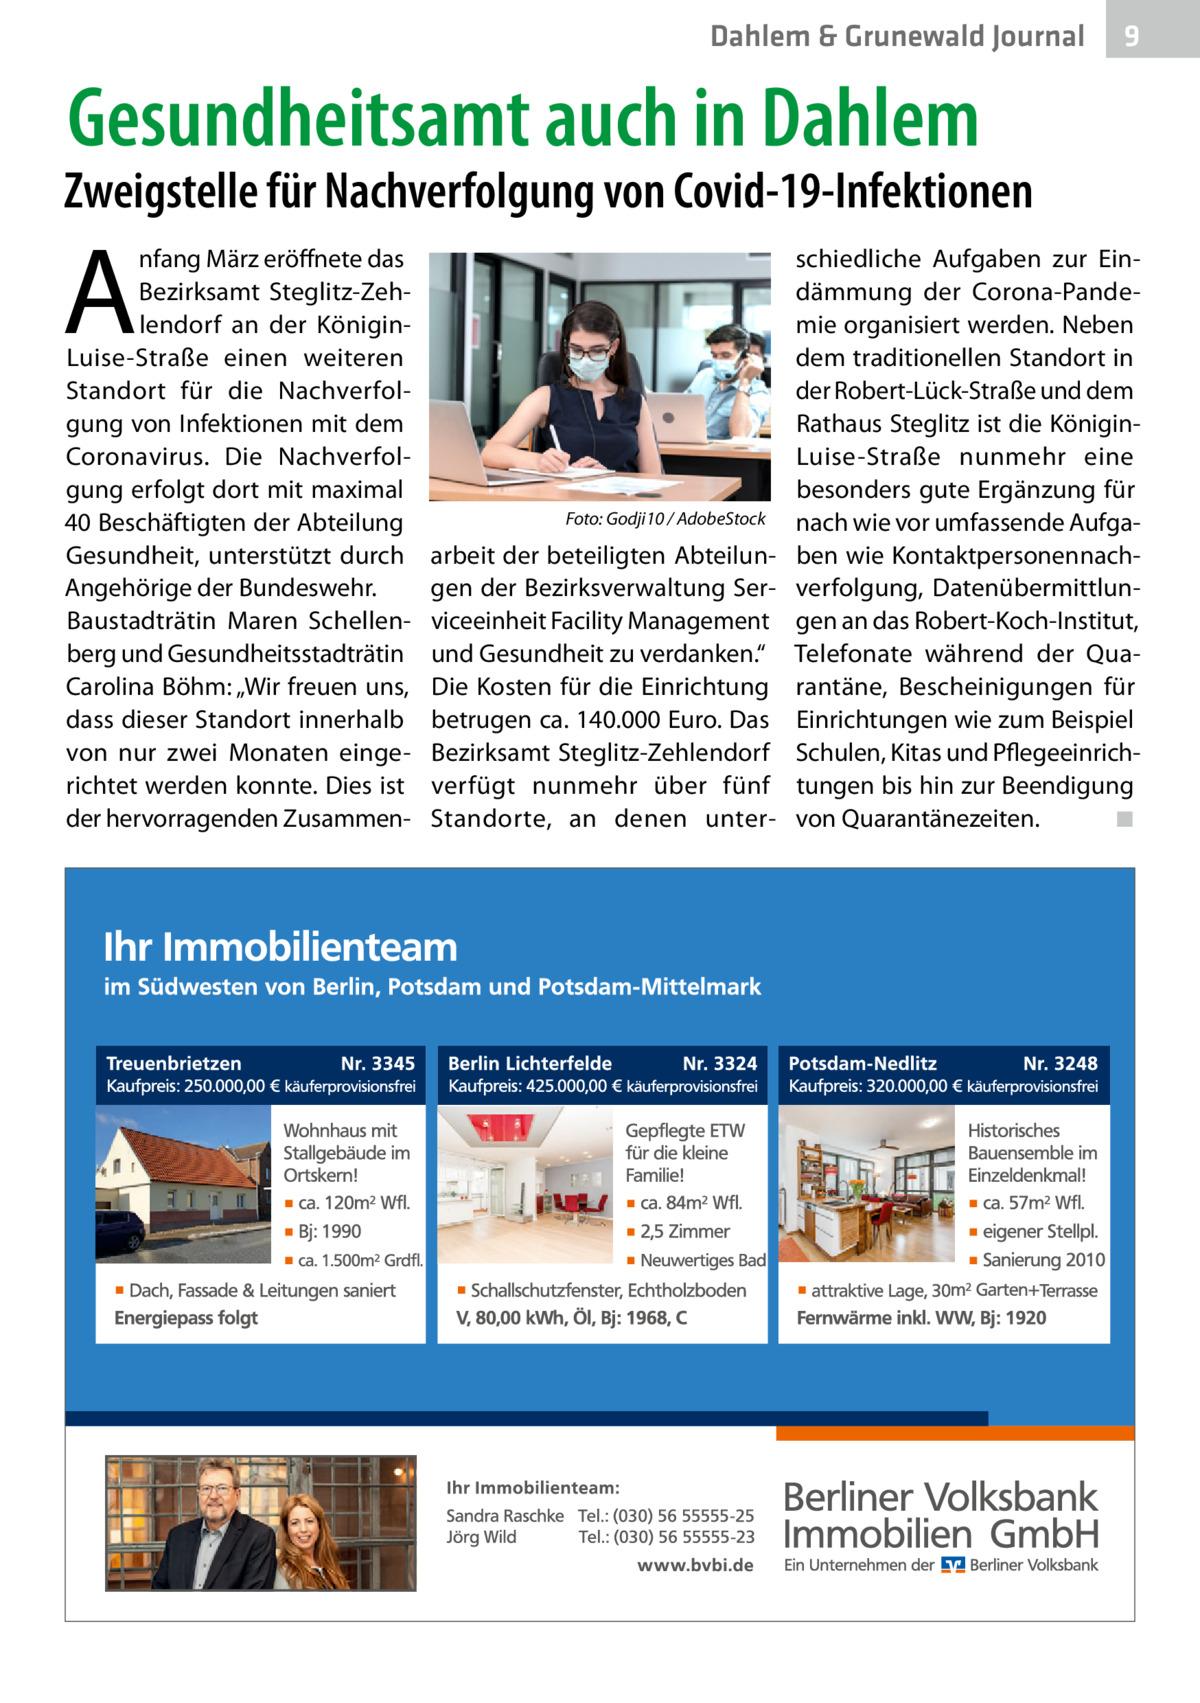 """Dahlem & Grunewald Journal  9  Gesundheitsamt auch in Dahlem  Zweigstelle für Nachverfolgung von Covid-19-Infektionen  A  nfang März eröffnete das Bezirksamt Steglitz-Zehlendorf an der KöniginLuise-Straße einen weiteren Standort für die Nachverfolgung von Infektionen mit dem Coronavirus. Die Nachverfolgung erfolgt dort mit maximal 40 Beschäftigten der Abteilung Gesundheit, unterstützt durch Angehörige der Bundeswehr. Baustadträtin Maren Schellenberg und Gesundheitsstadträtin Carolina Böhm: """"Wir freuen uns, dass dieser Standort innerhalb von nur zwei Monaten eingerichtet werden konnte. Dies ist der hervorragenden Zusammen �  Foto: Godji10 / AdobeStock  arbeit der beteiligten Abteilungen der Bezirksverwaltung Serviceeinheit Facility Management und Gesundheit zu verdanken."""" Die Kosten für die Einrichtung betrugen ca. 140.000 Euro. Das Bezirksamt Steglitz-Zehlendorf verfügt nunmehr über fünf Standorte, an denen unter schiedliche Aufgaben zur Eindämmung der Corona-Pandemie organisiert werden. Neben dem traditionellen Standort in der Robert-Lück-Straße und dem Rathaus Steglitz ist die KöniginLuise-Straße nunmehr eine besonders gute Ergänzung für nach wie vor umfassende Aufgaben wie Kontaktpersonennachverfolgung, Datenübermittlungen an das Robert-Koch-Institut, Telefonate während der Quarantäne, Bescheinigungen für Einrichtungen wie zum Beispiel Schulen, Kitas und Pflegeeinrichtungen bis hin zur Beendigung von Quarantänezeiten. � ◾"""